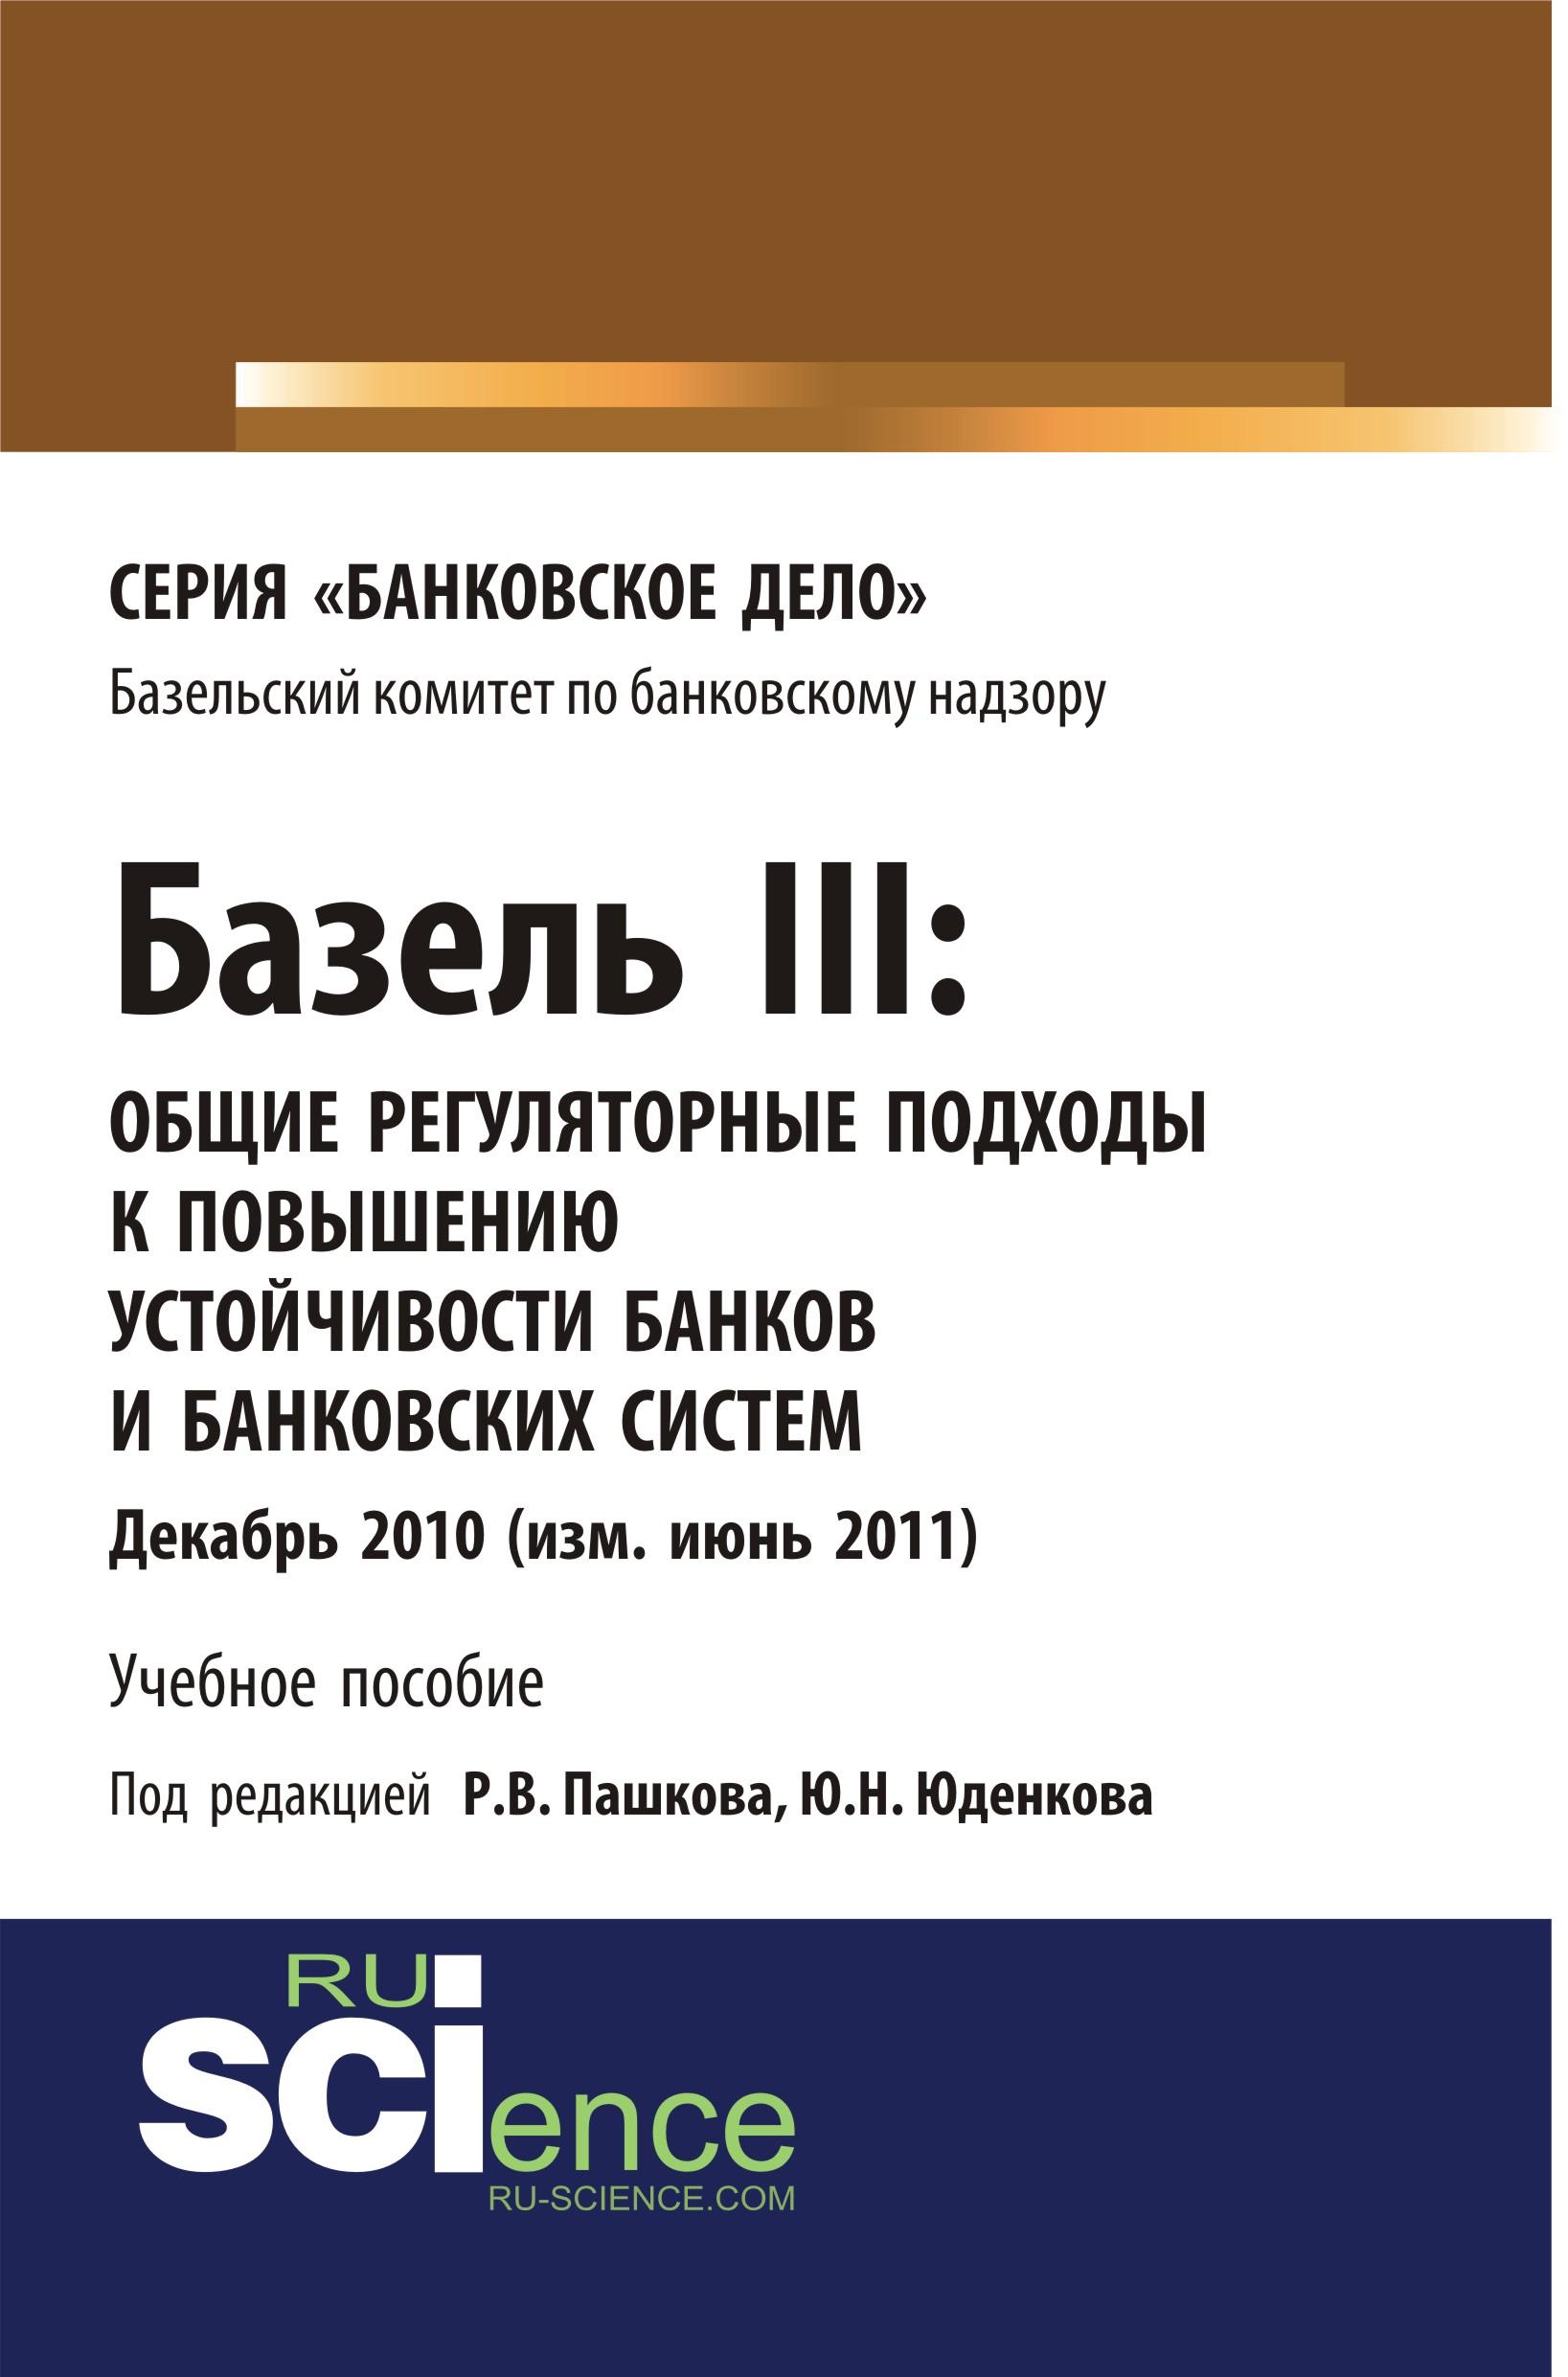 Коллектив авторов Базель III: Общие регуляторные подходы к повышению устойчивости банков и банковских систем цены